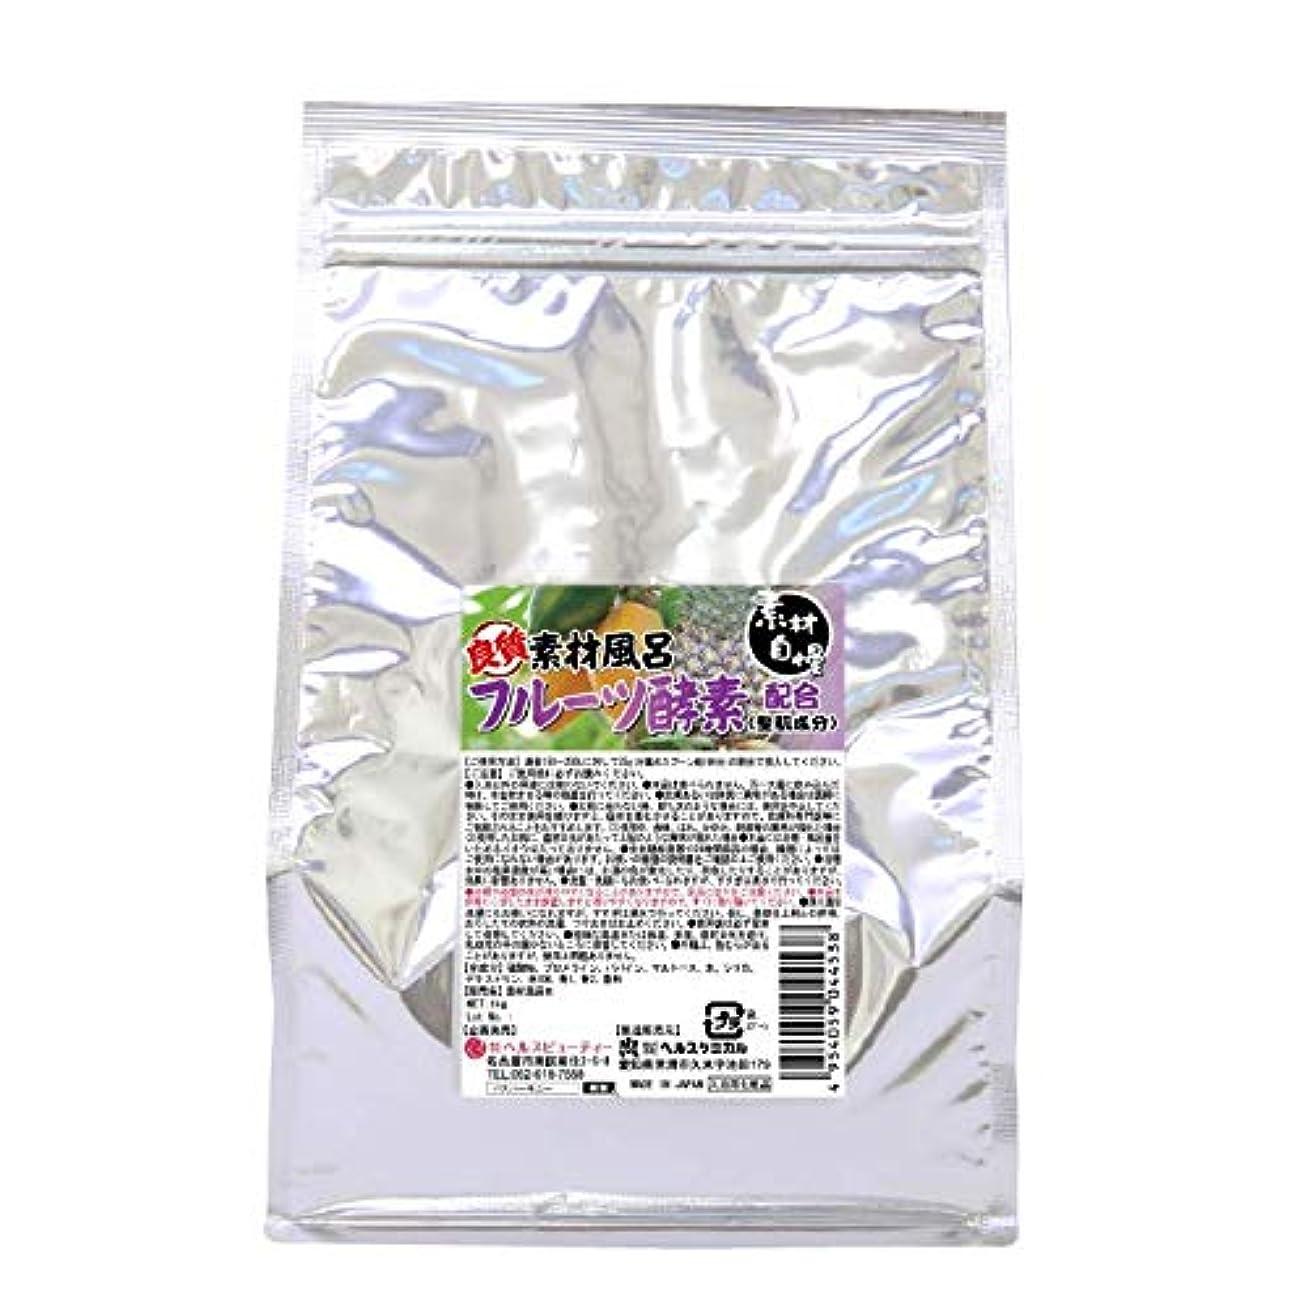 倉庫原稿いつも入浴剤 湯匠仕込 フルーツ酵素配合 1kg 50回分 お徳用